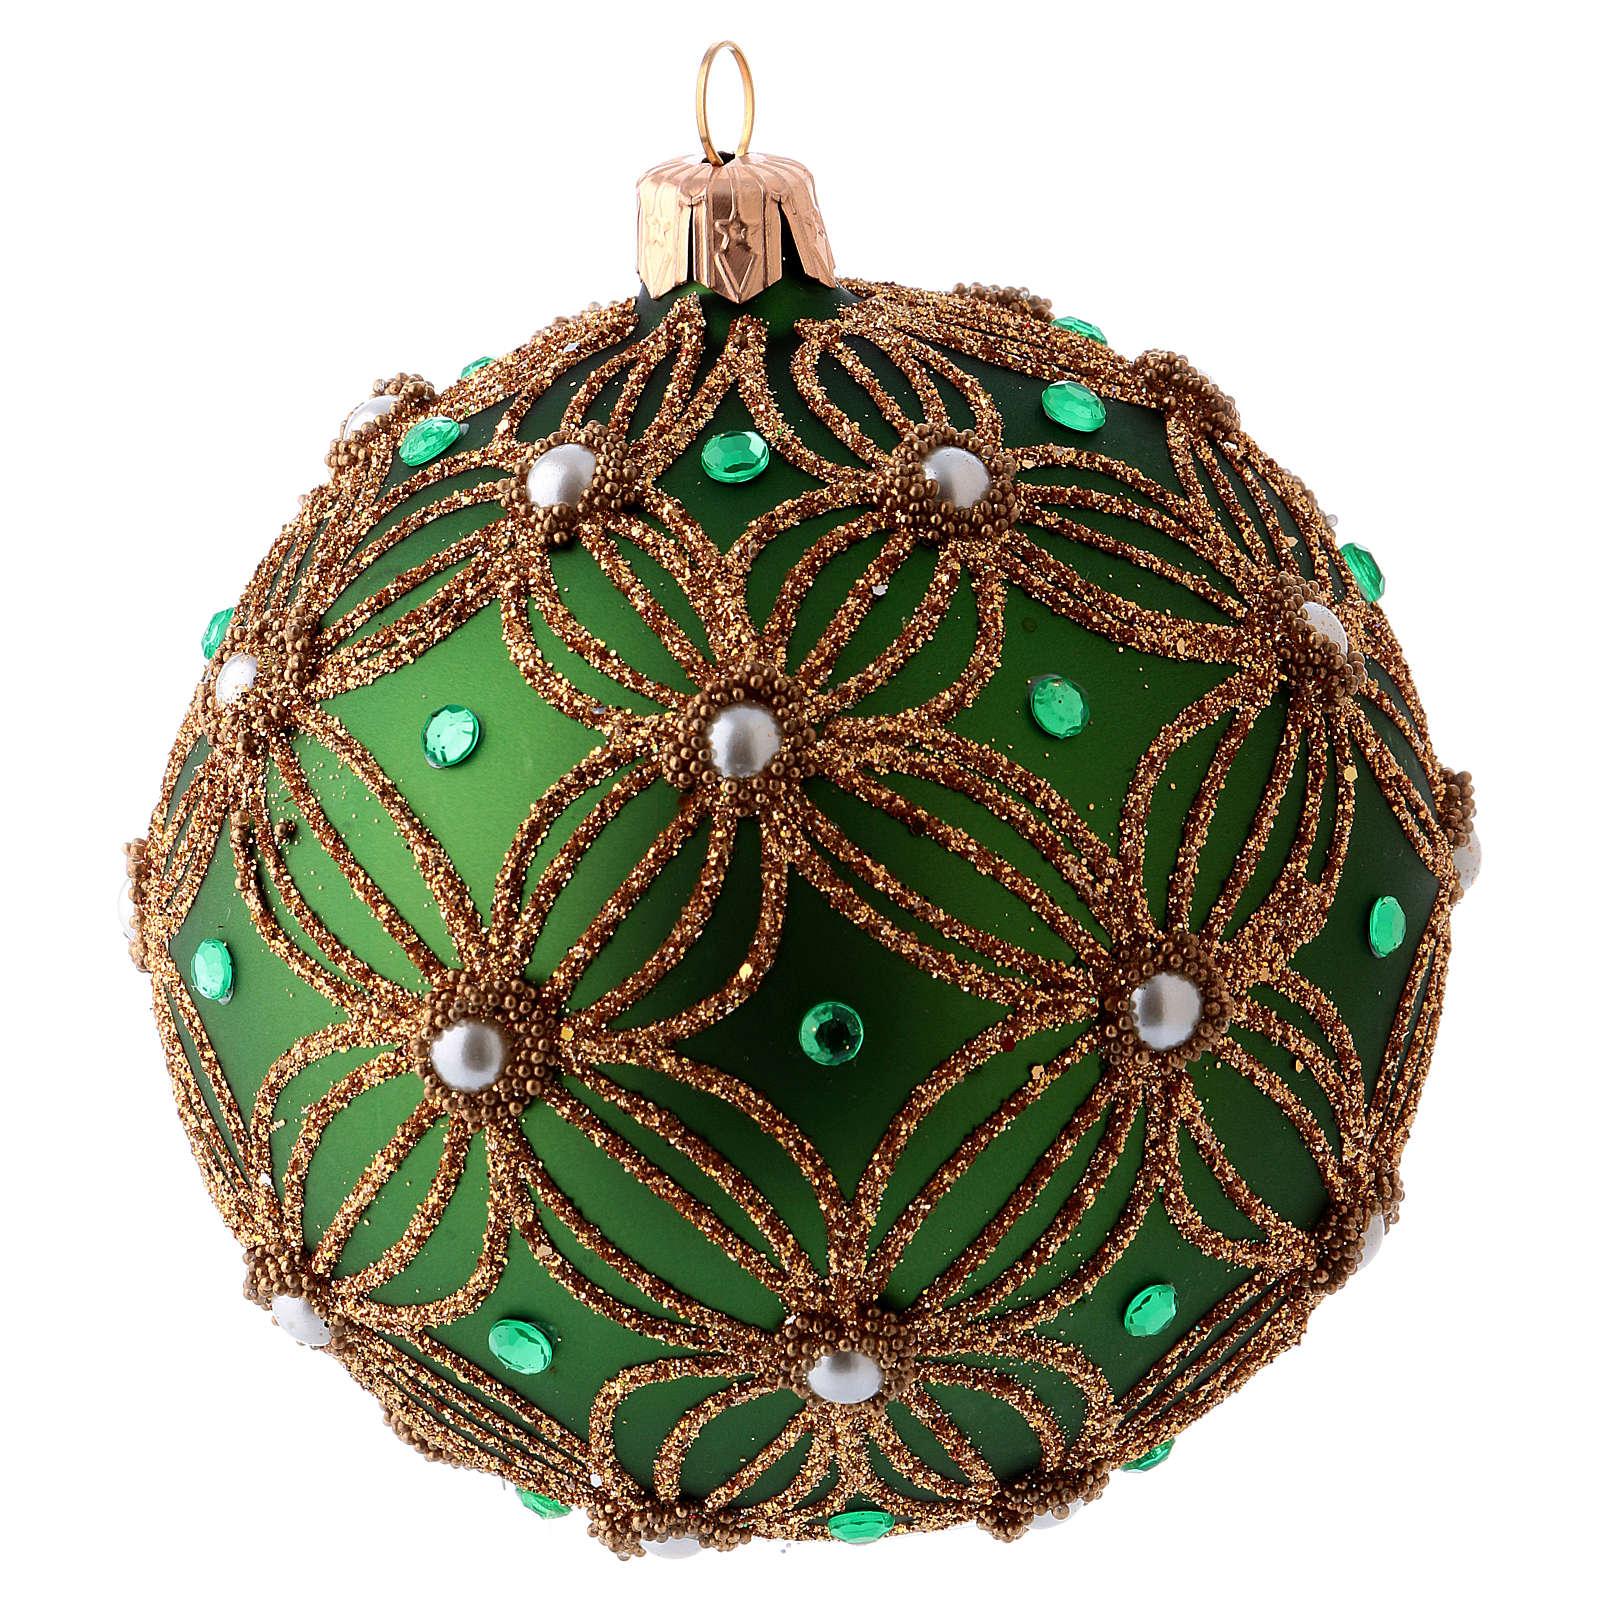 Bola árbol Navidad 80 mm vidrio soplado verde motivos cuentas blancas verdes 4